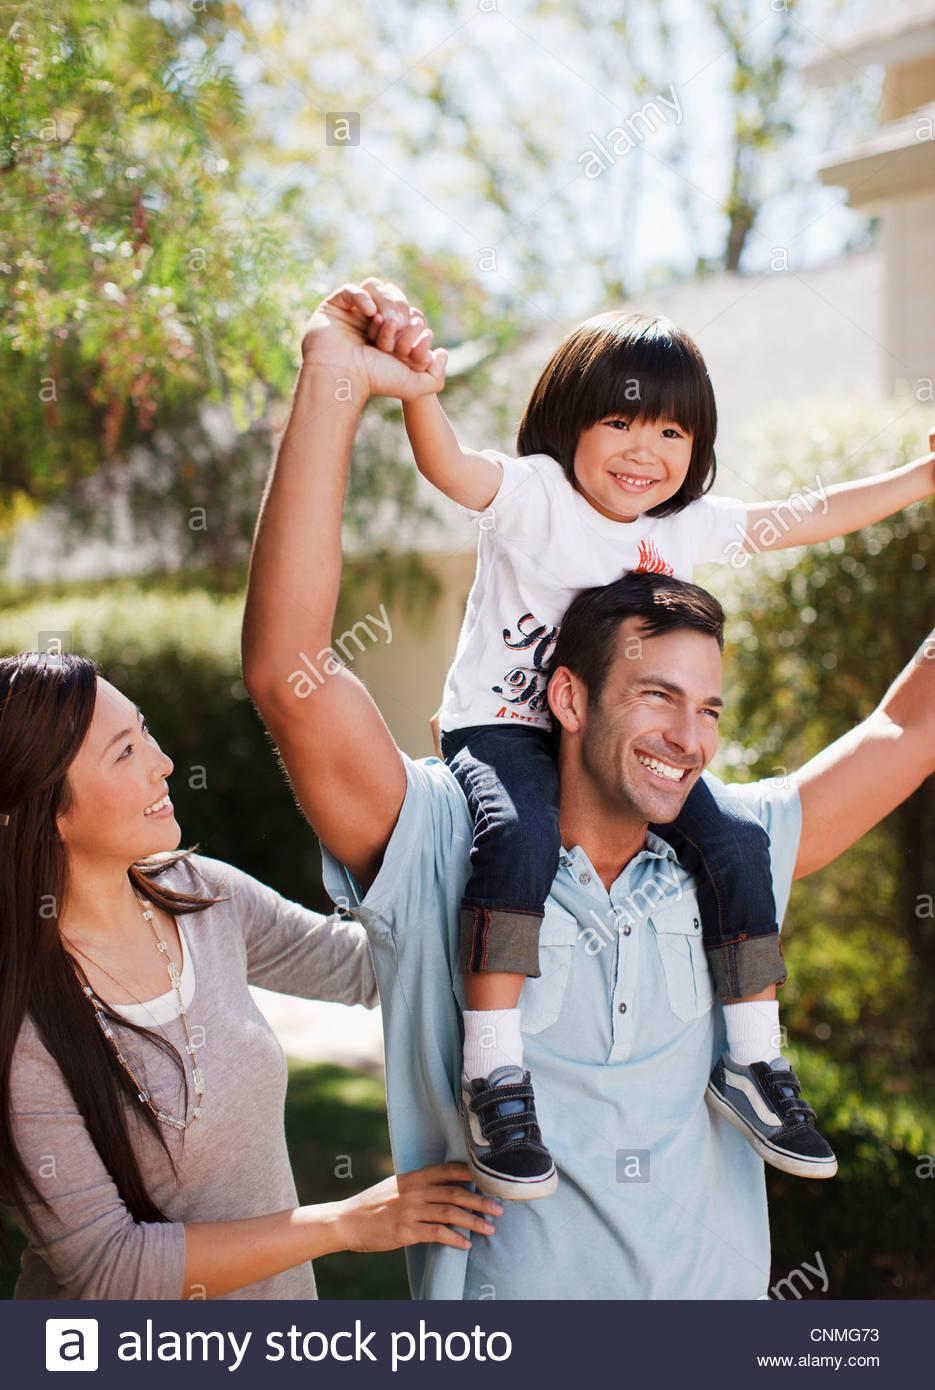 Famiglia camminare insieme all'aperto Immagini Stock